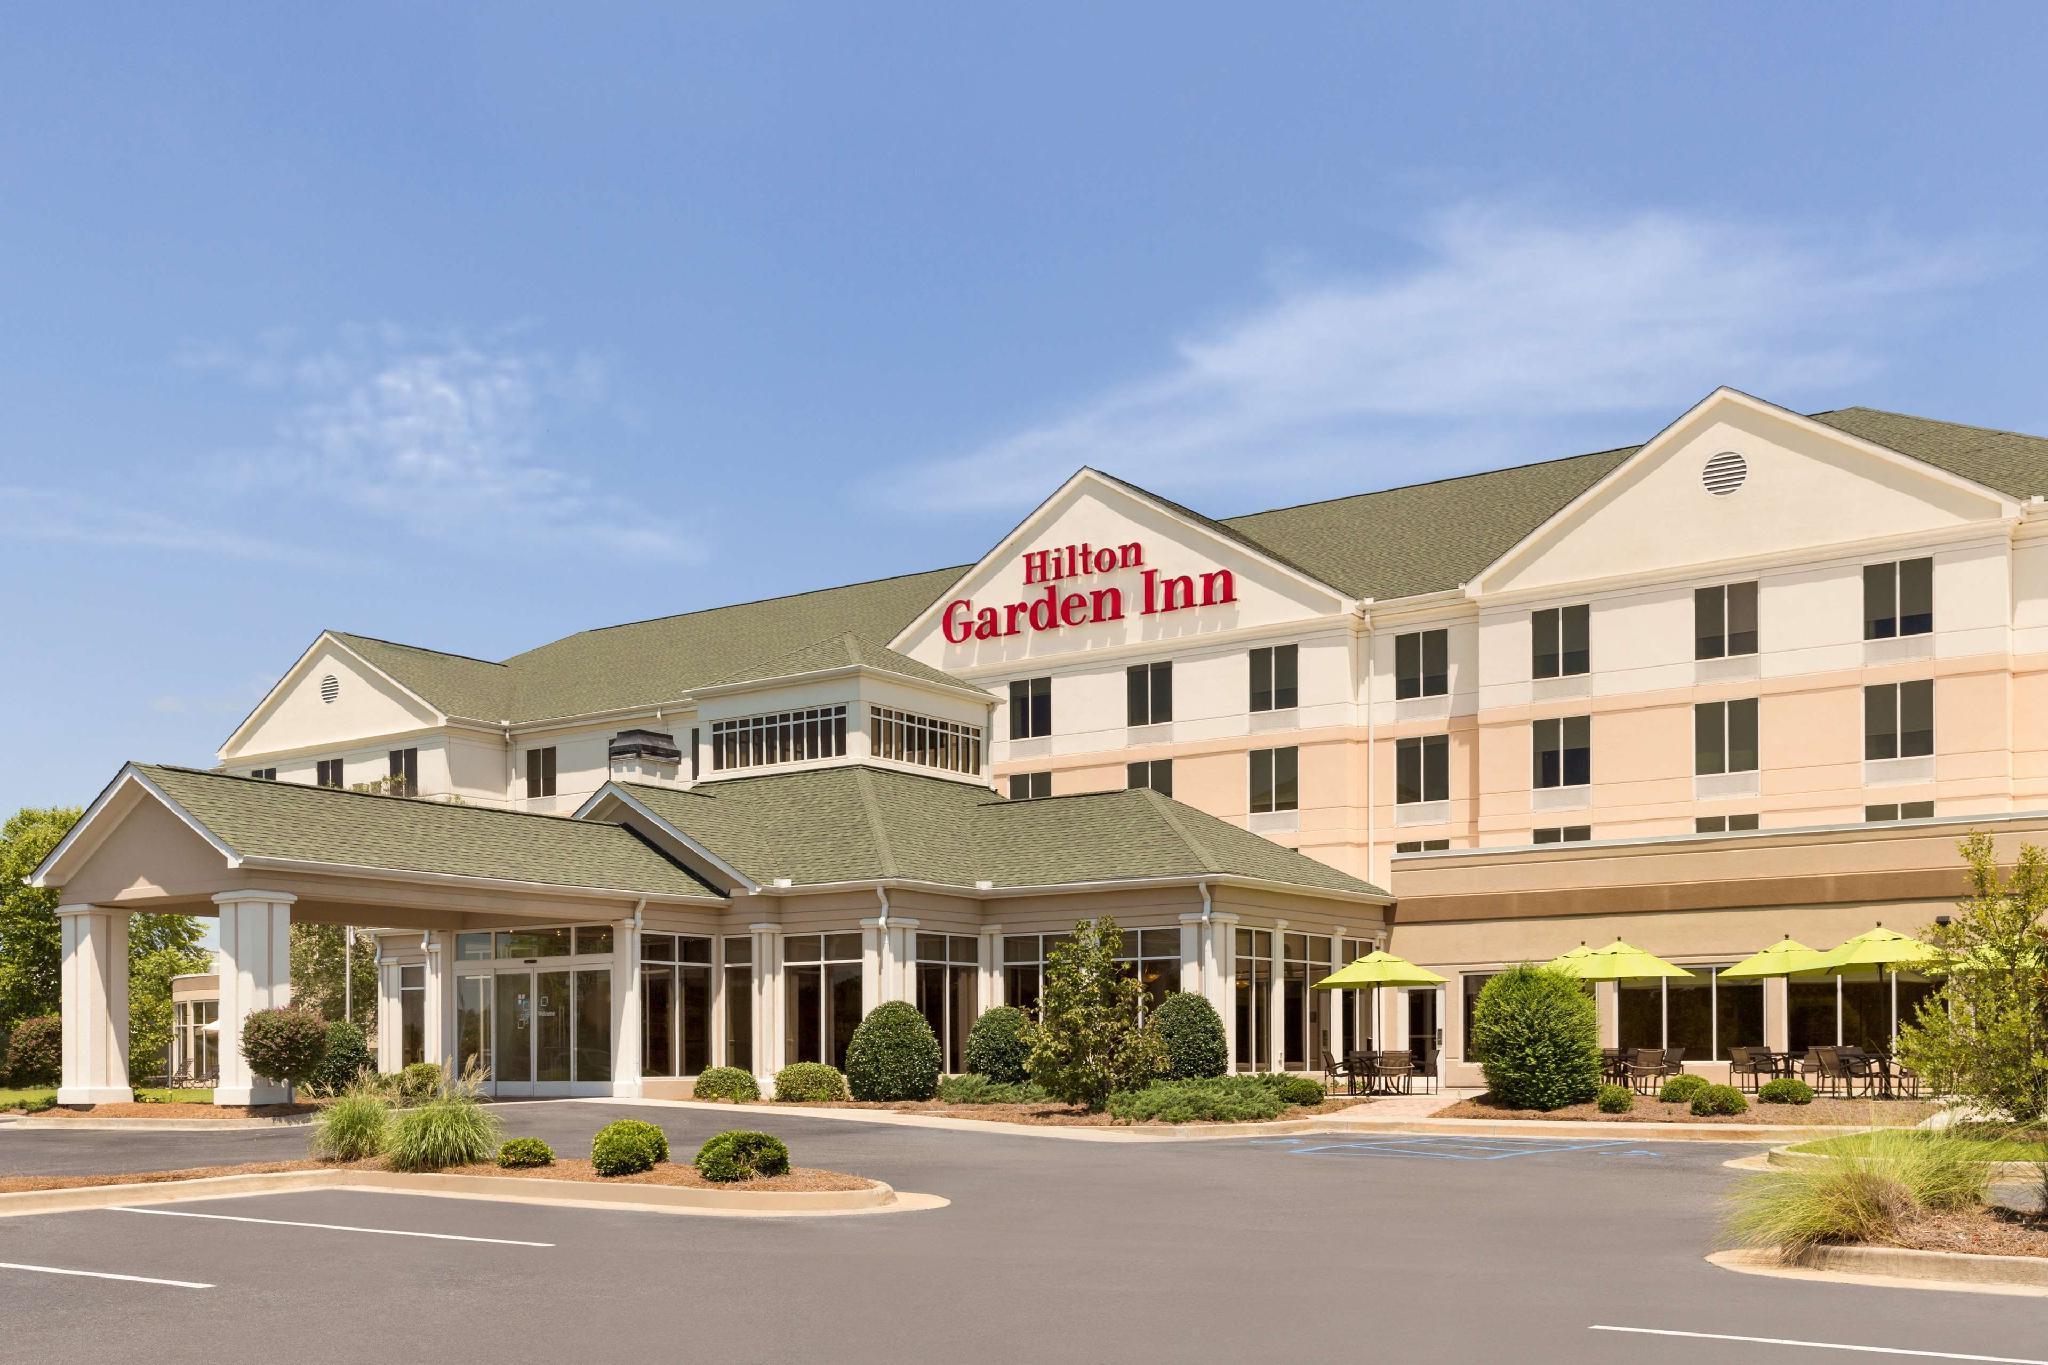 Hilton Garden Inn Tifton